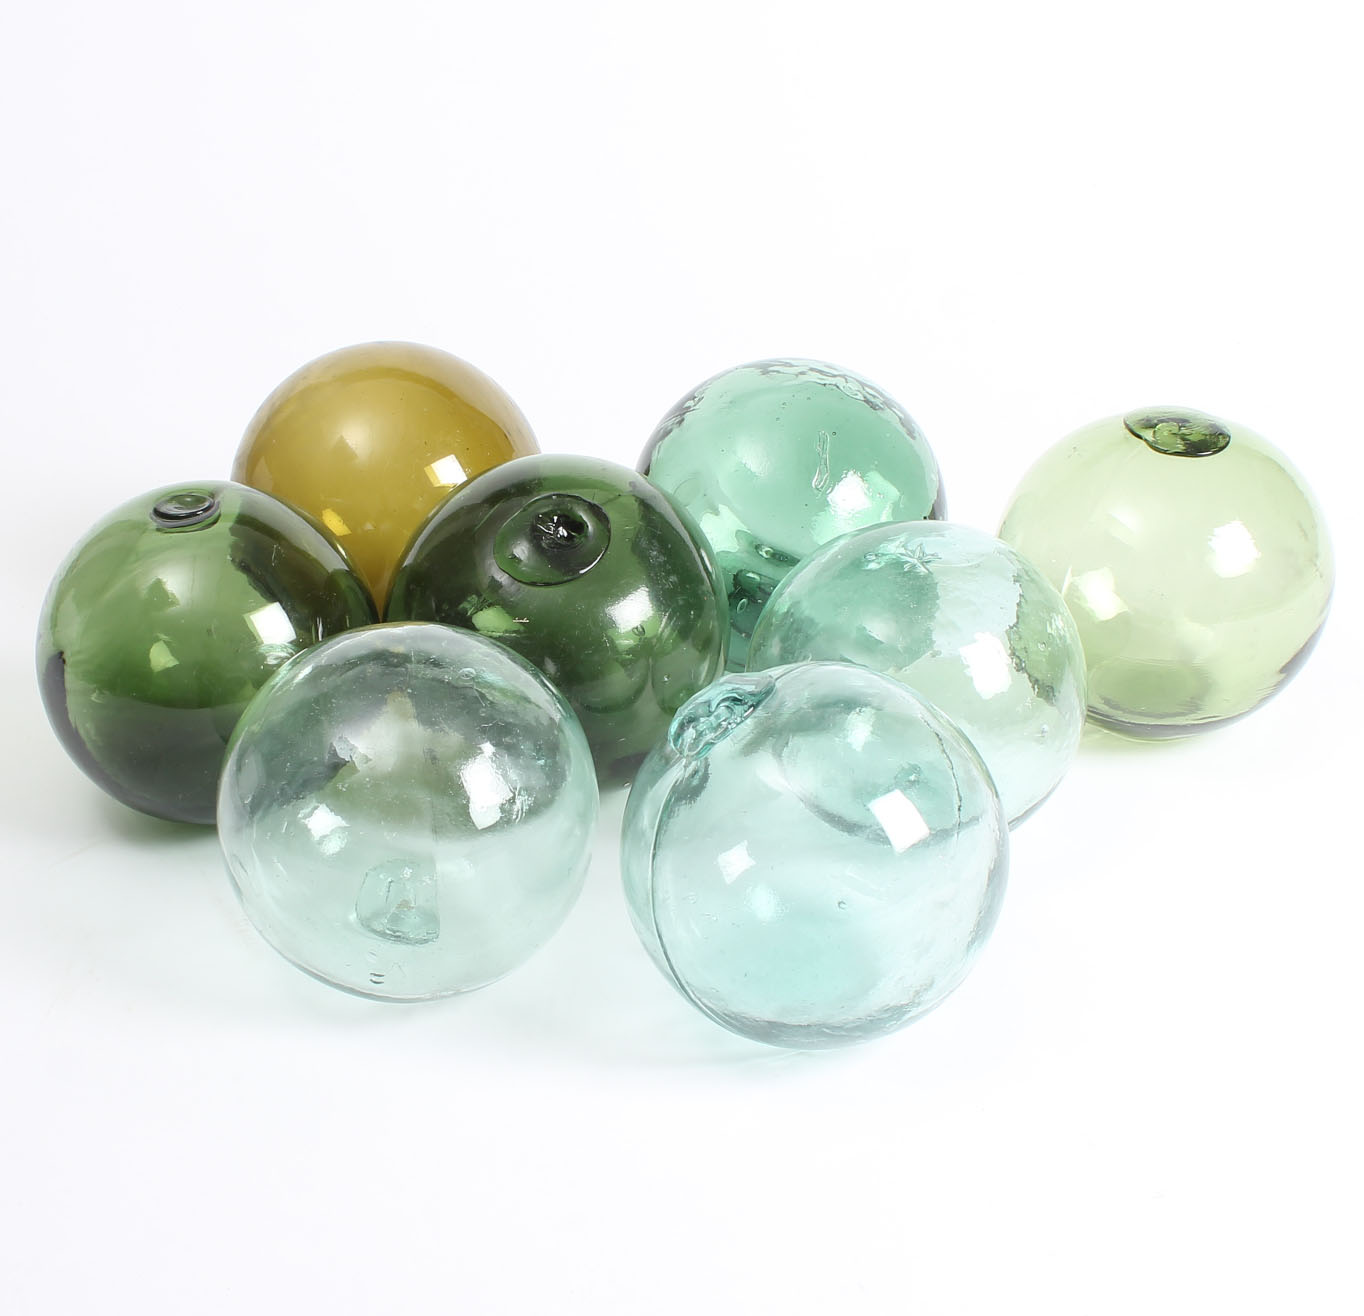 Glaskugler/fiskerkugler - Holmegaard/Kastrup m.fl. Glaskugler/fiskerkugler af farvet glas. Ø 12-13 cm